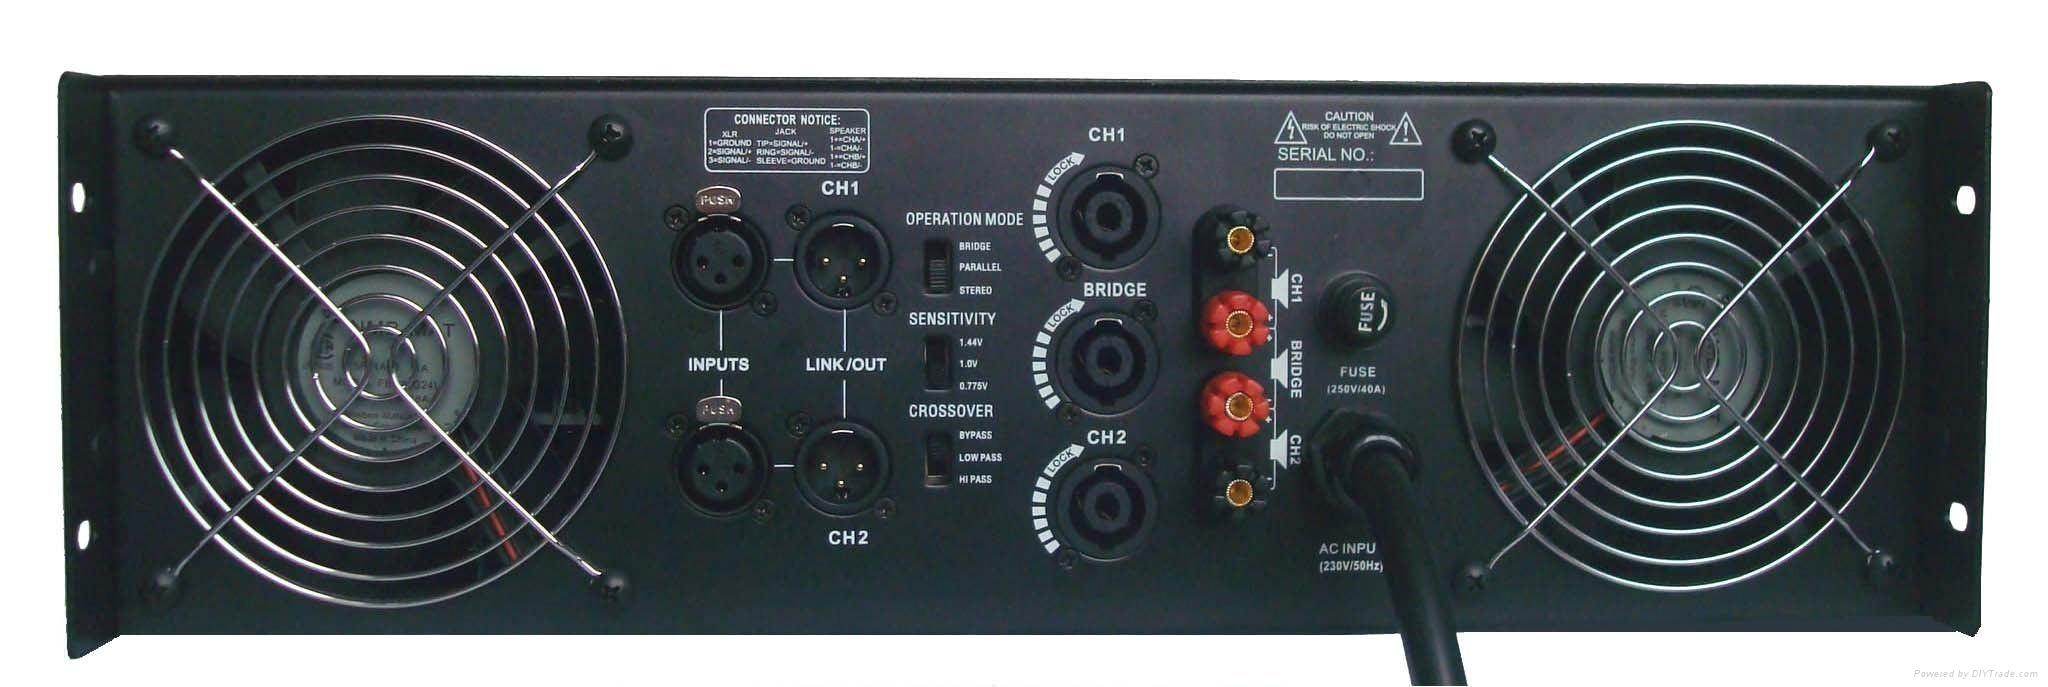 Hot sale! 1600W Amplifier 3